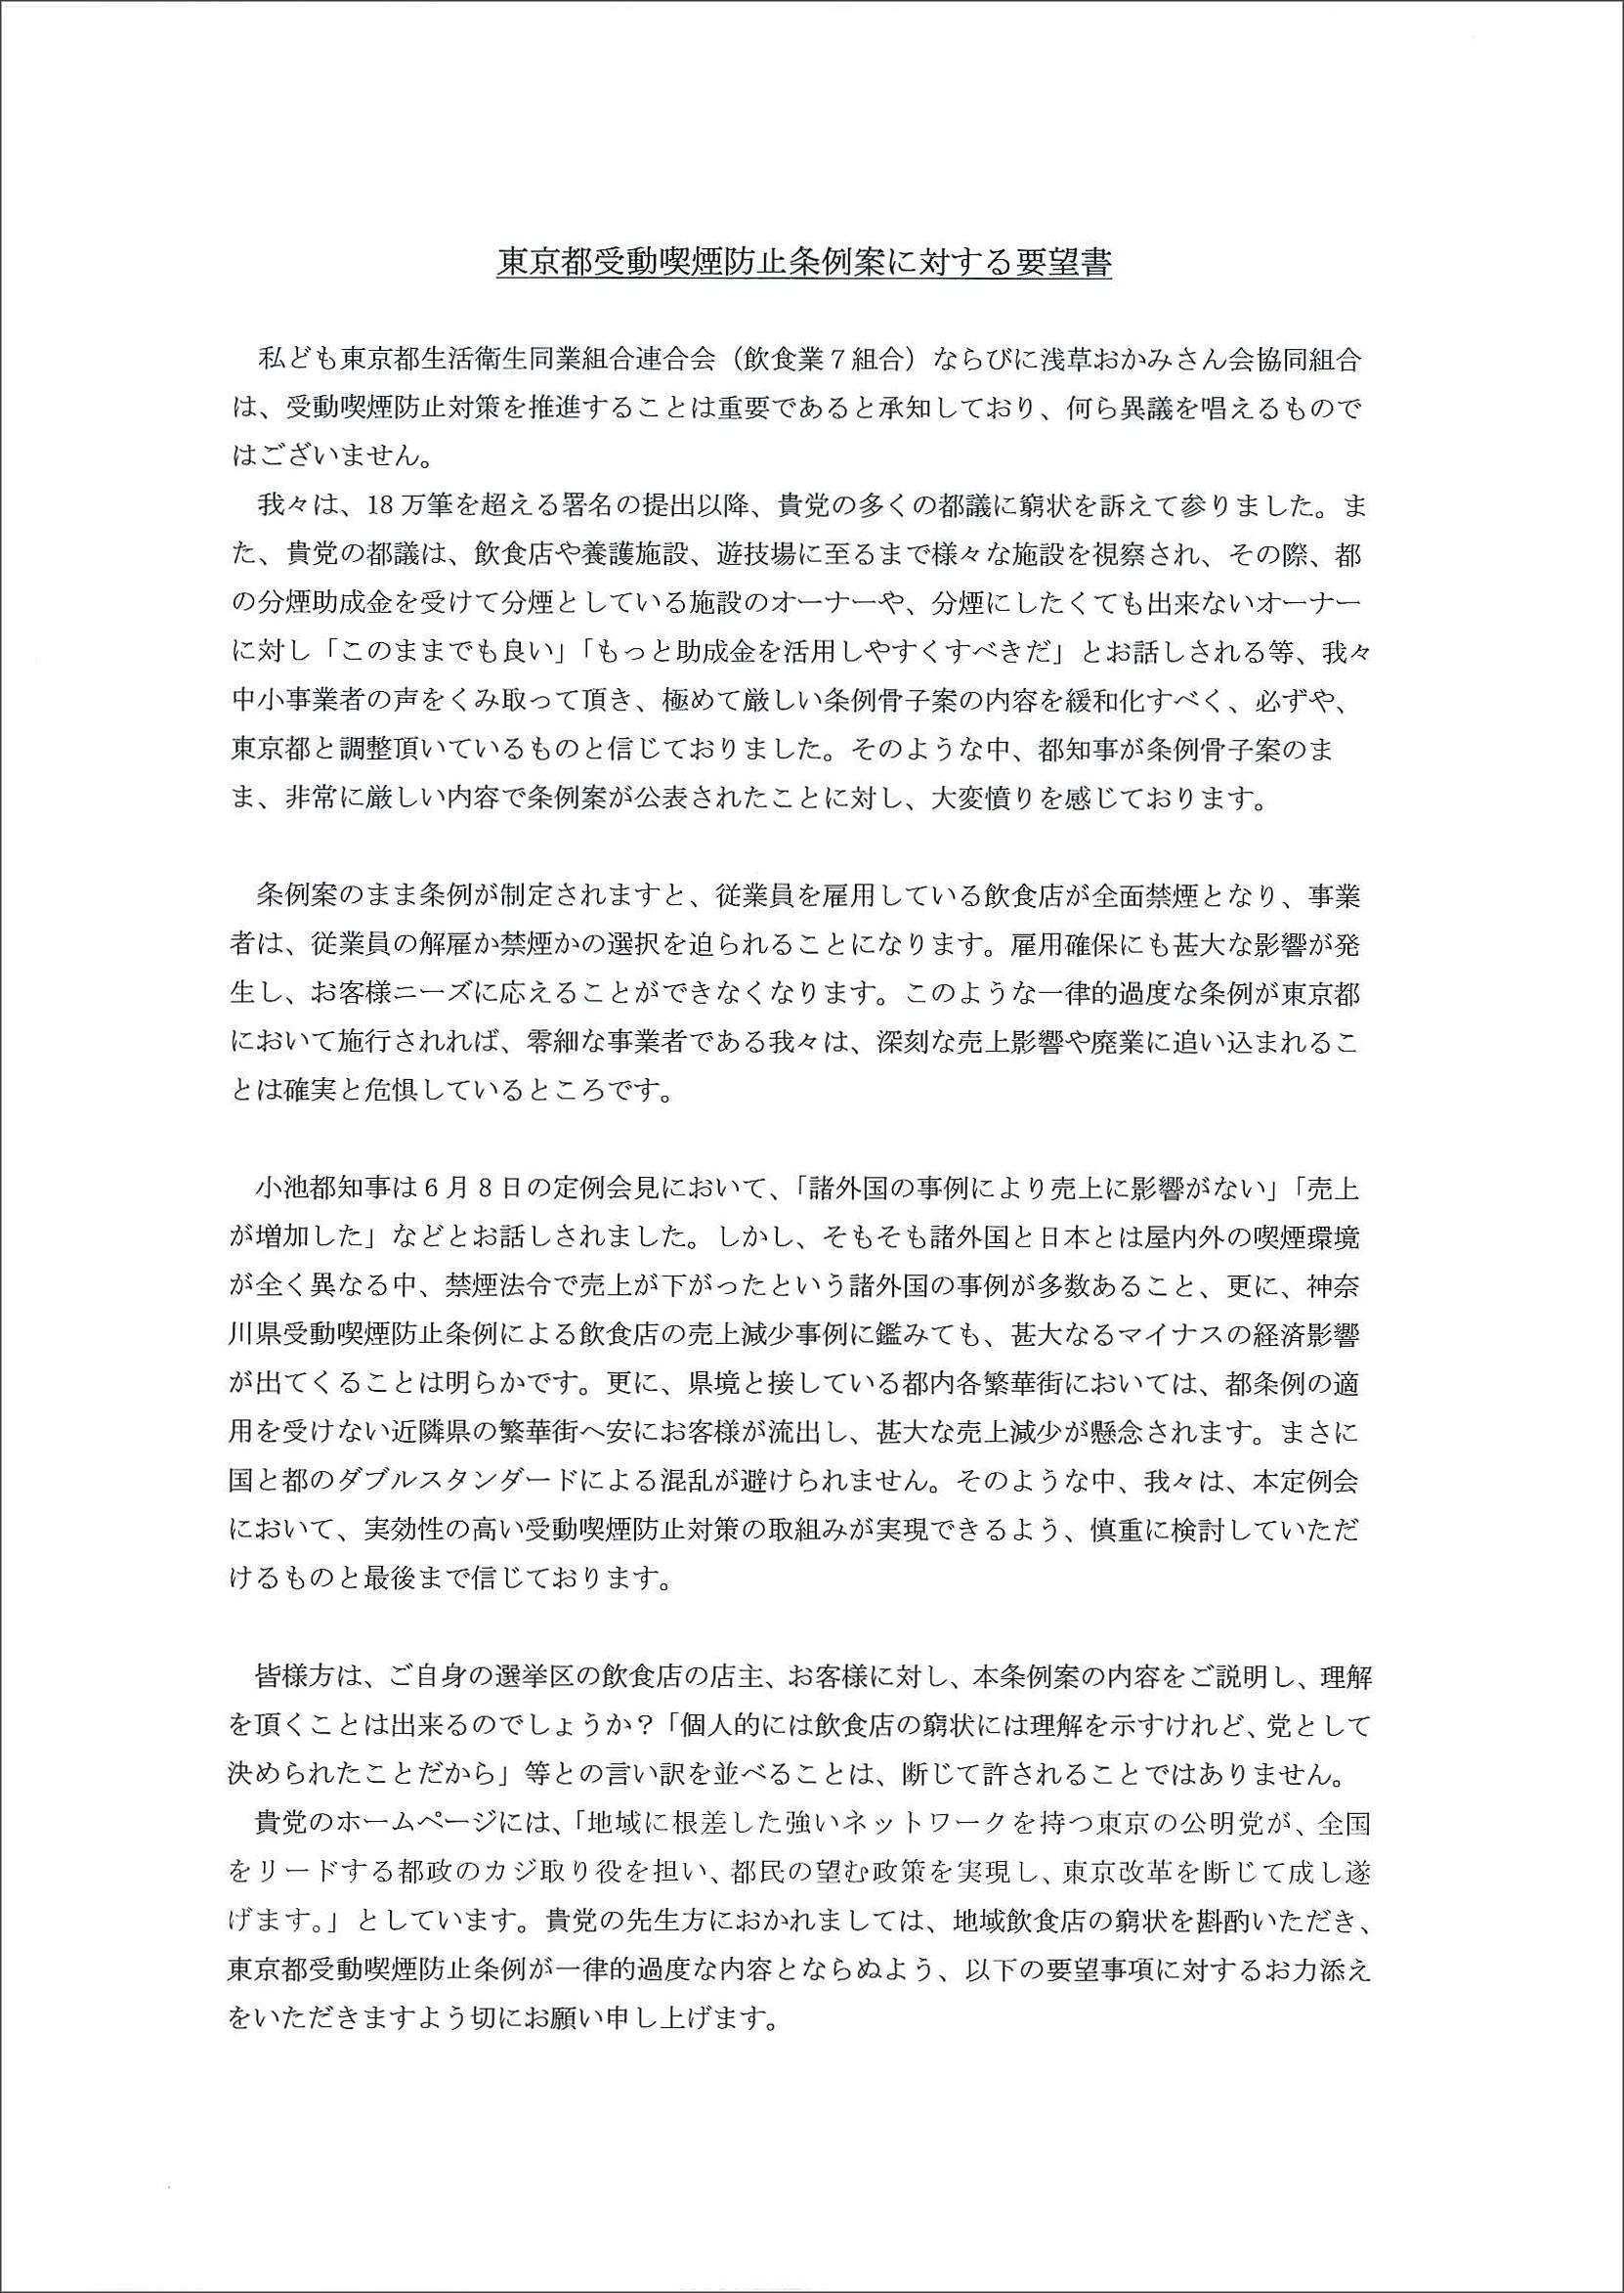 20180618koumeitou_youbousyo_1